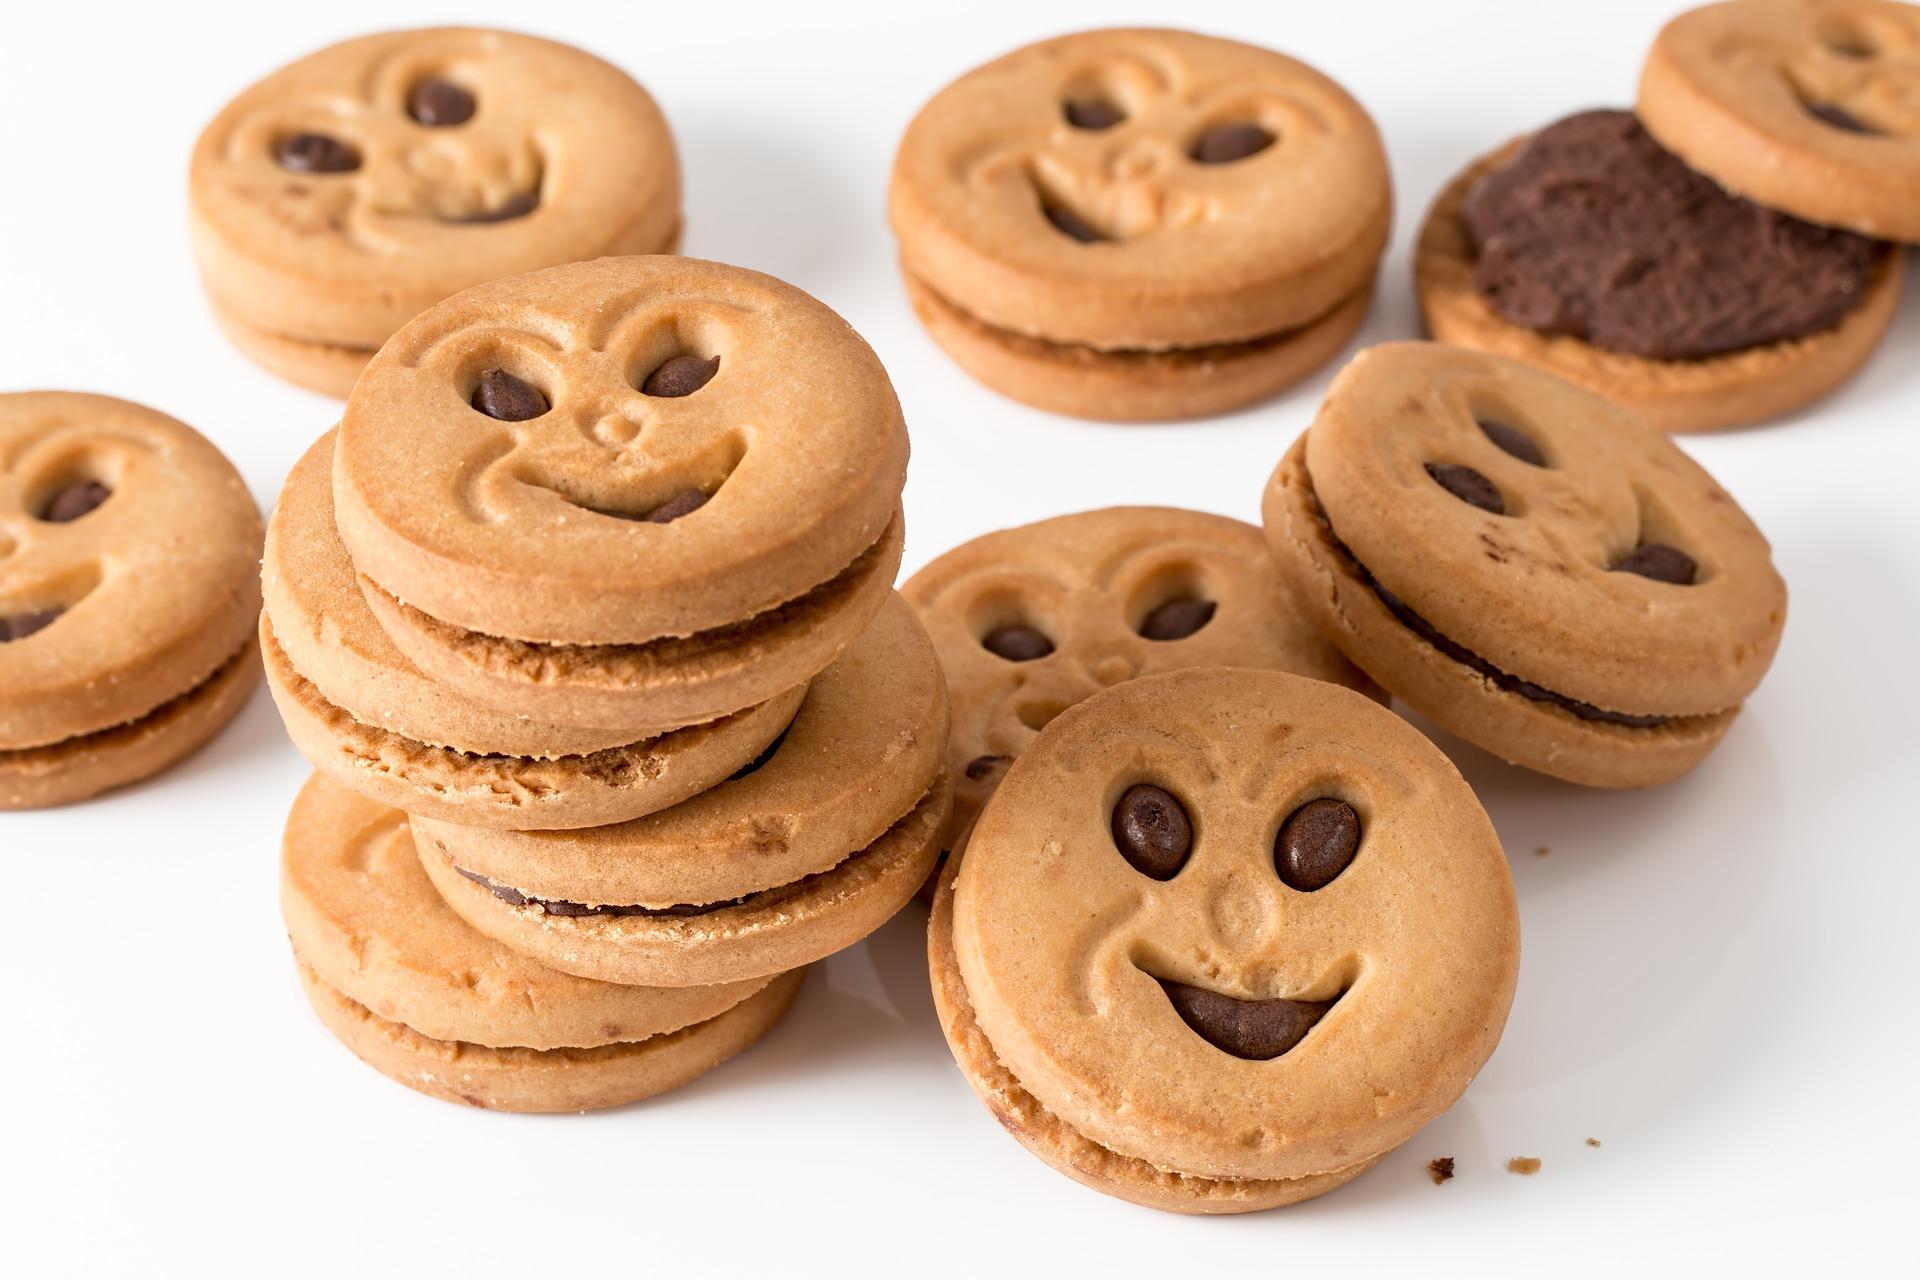 Les cookies dans un site web : qu'est-ce que c'est